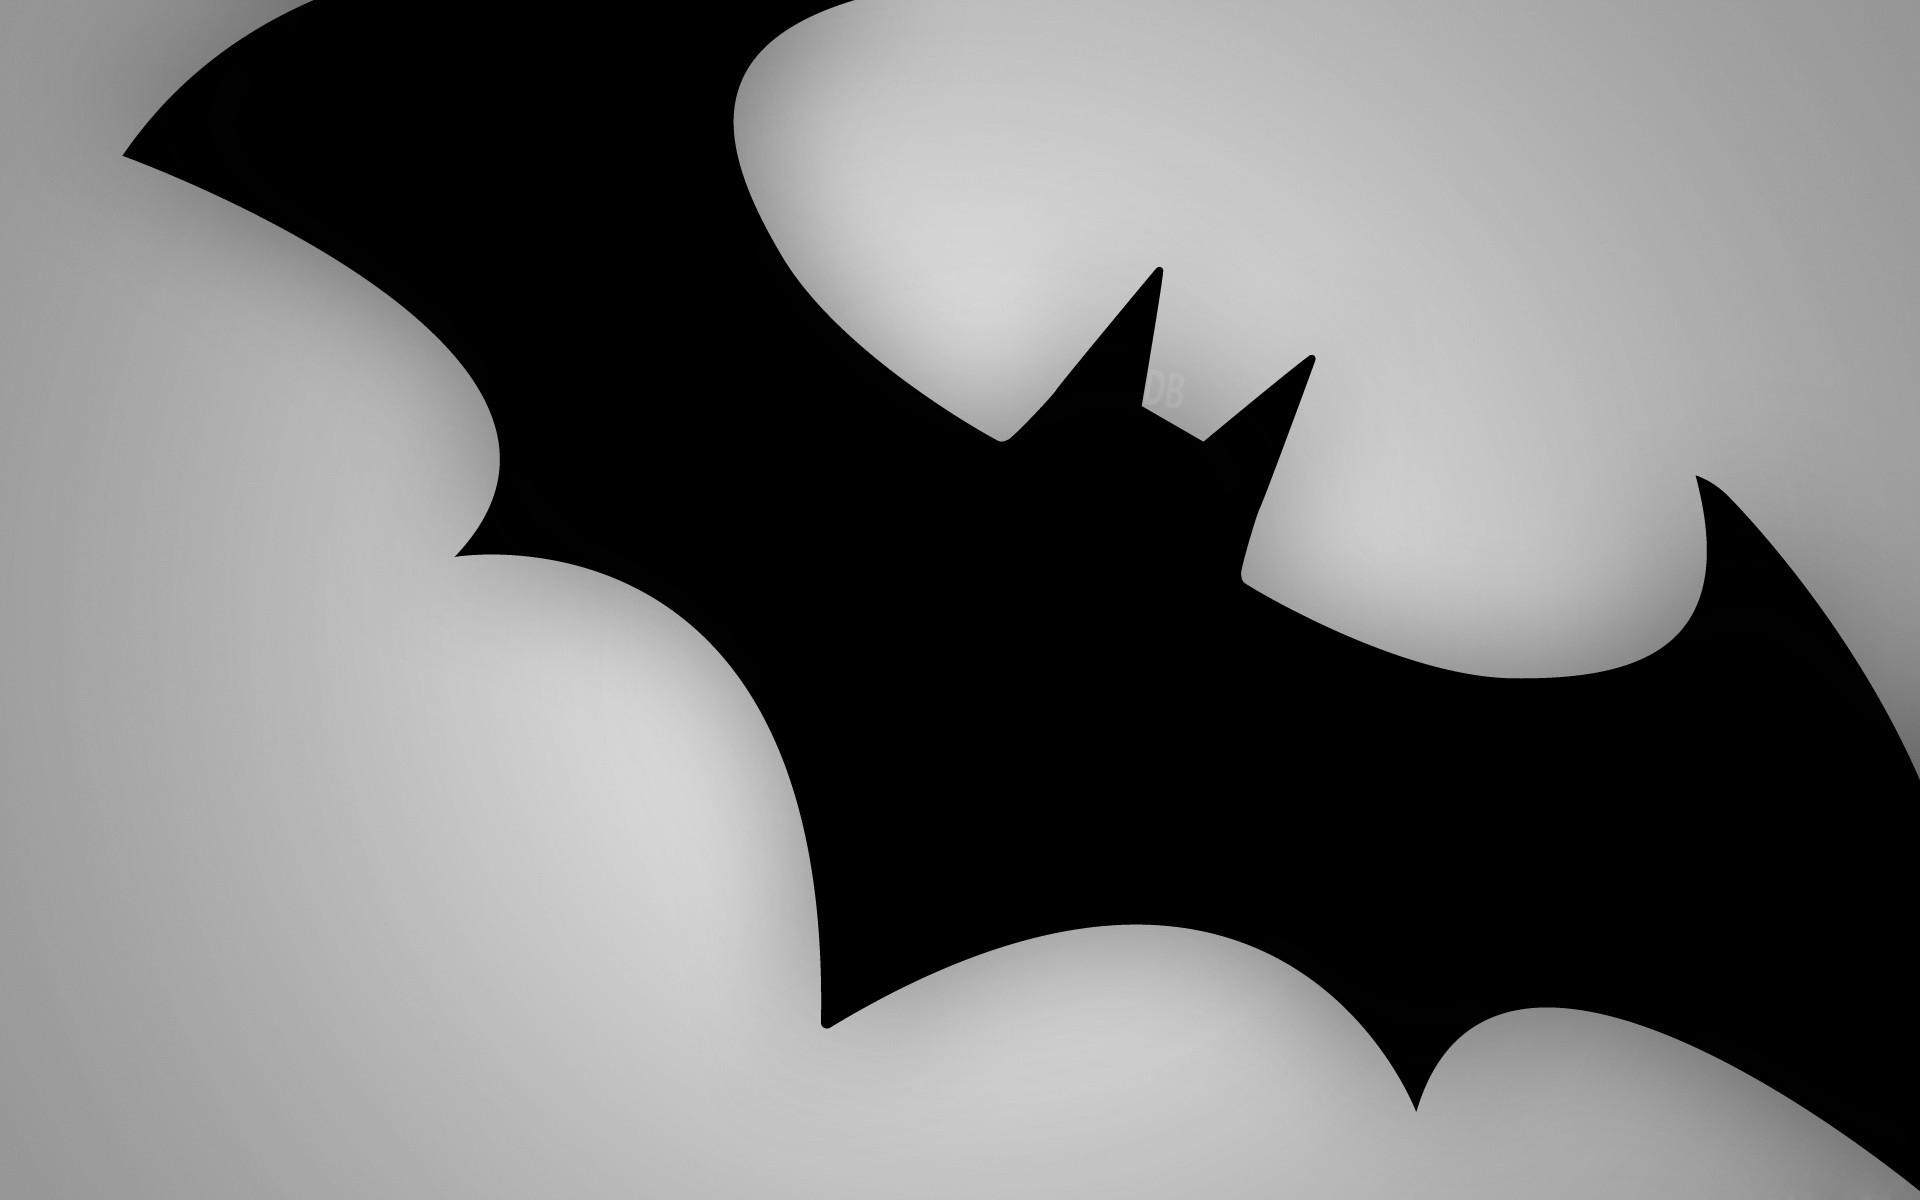 Logo de Batman - 1920x1200